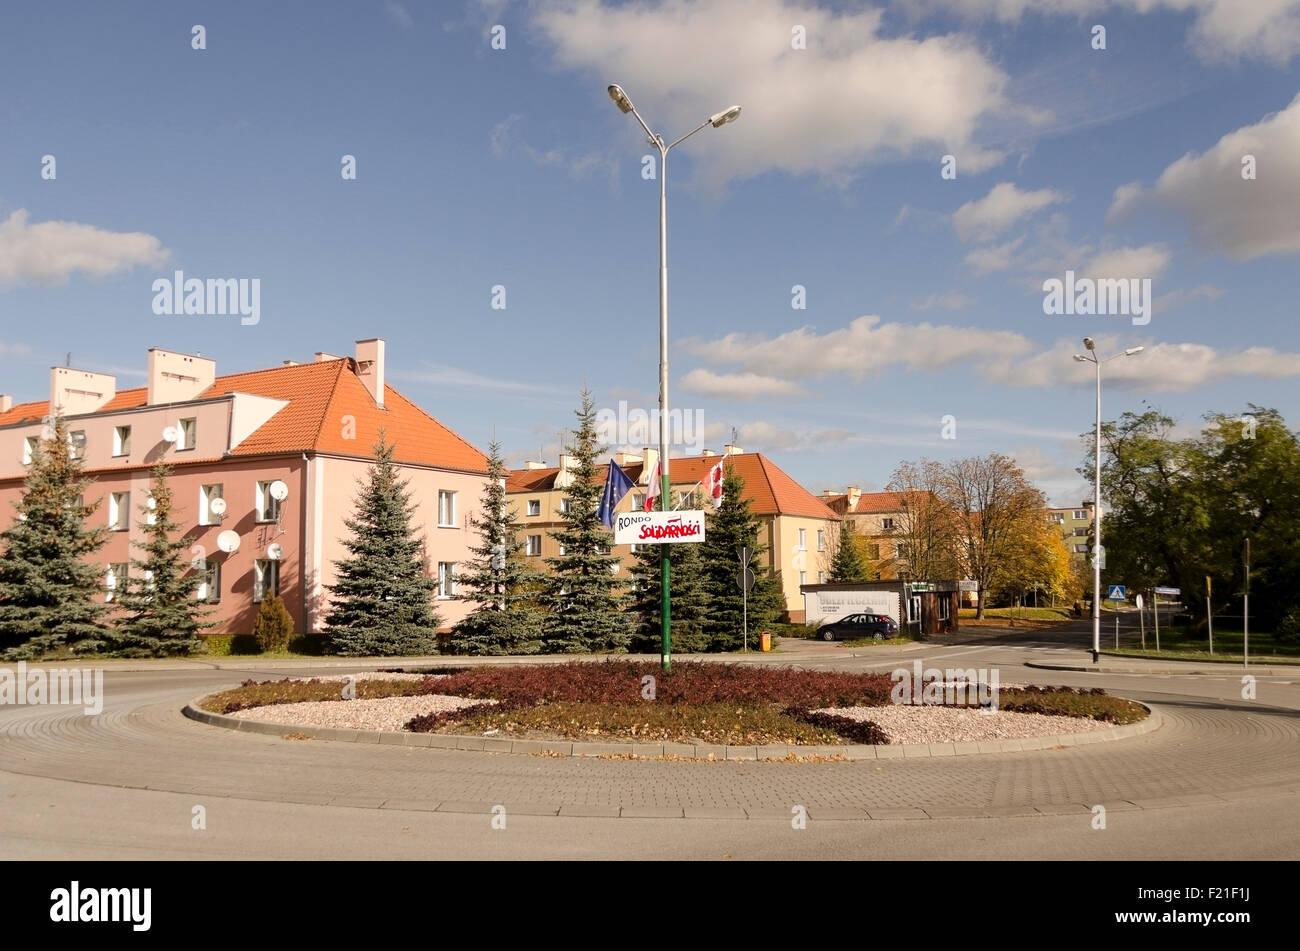 Un villaggio rotonda con la solidarietà poster, striscioni in medio, Brzeg Dolny, Slesia, Polonia, Polska, Immagini Stock